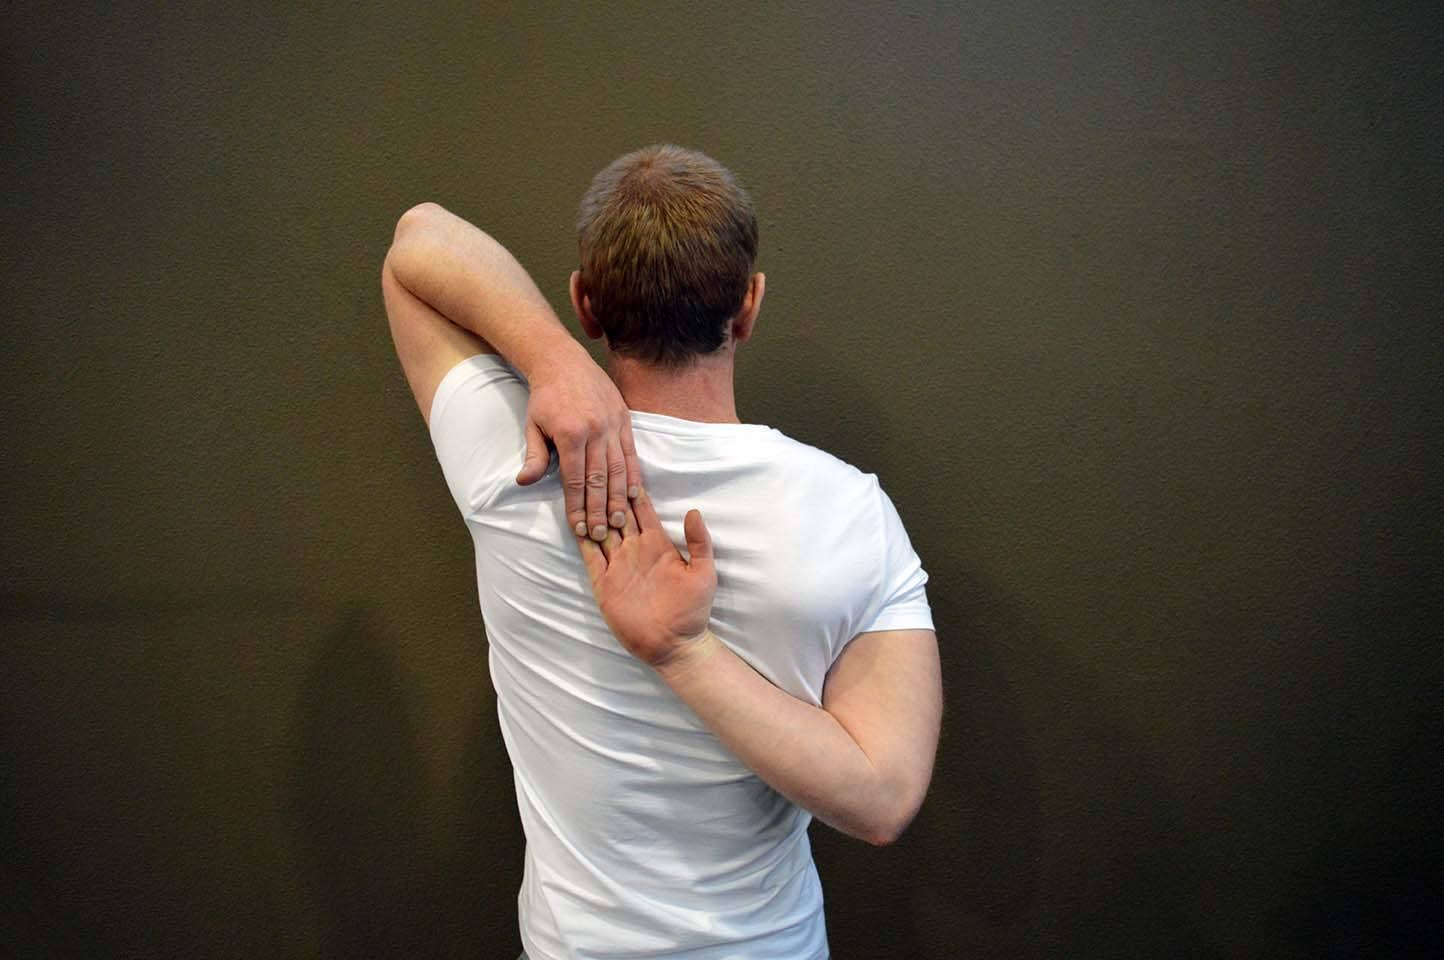 Étirement des épaules - Position 3